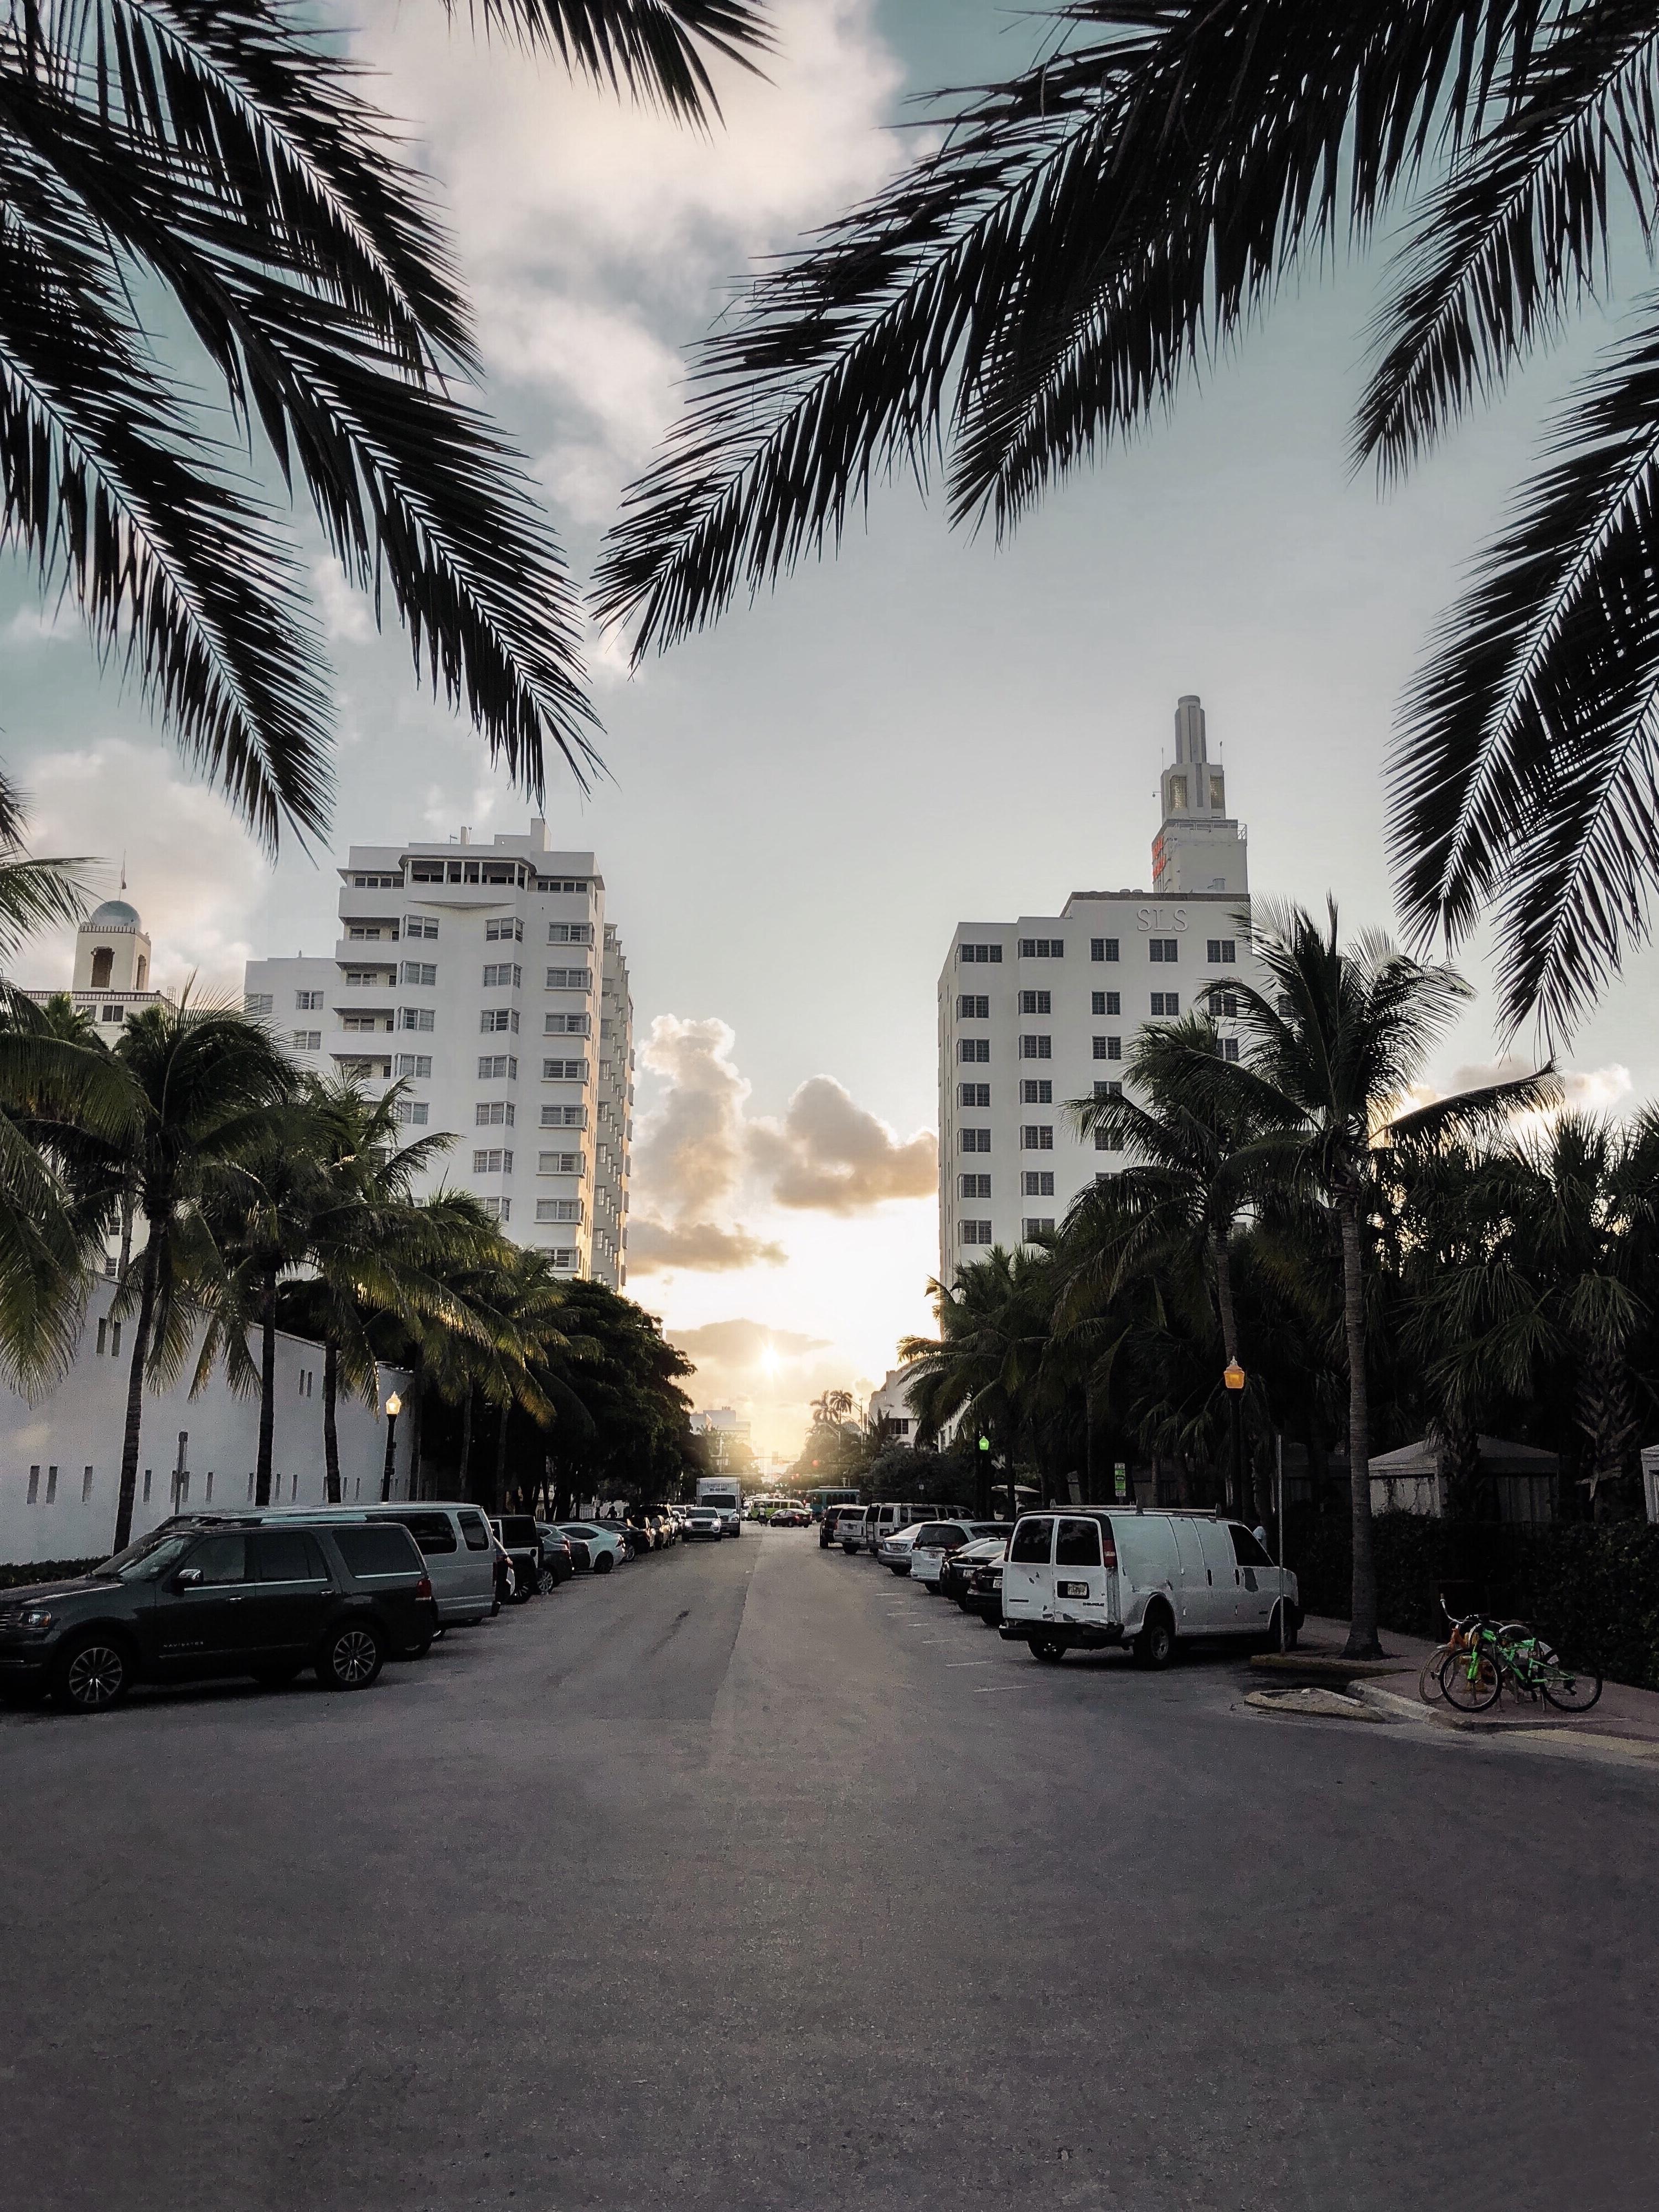 Kenza-Miami-2O18-31